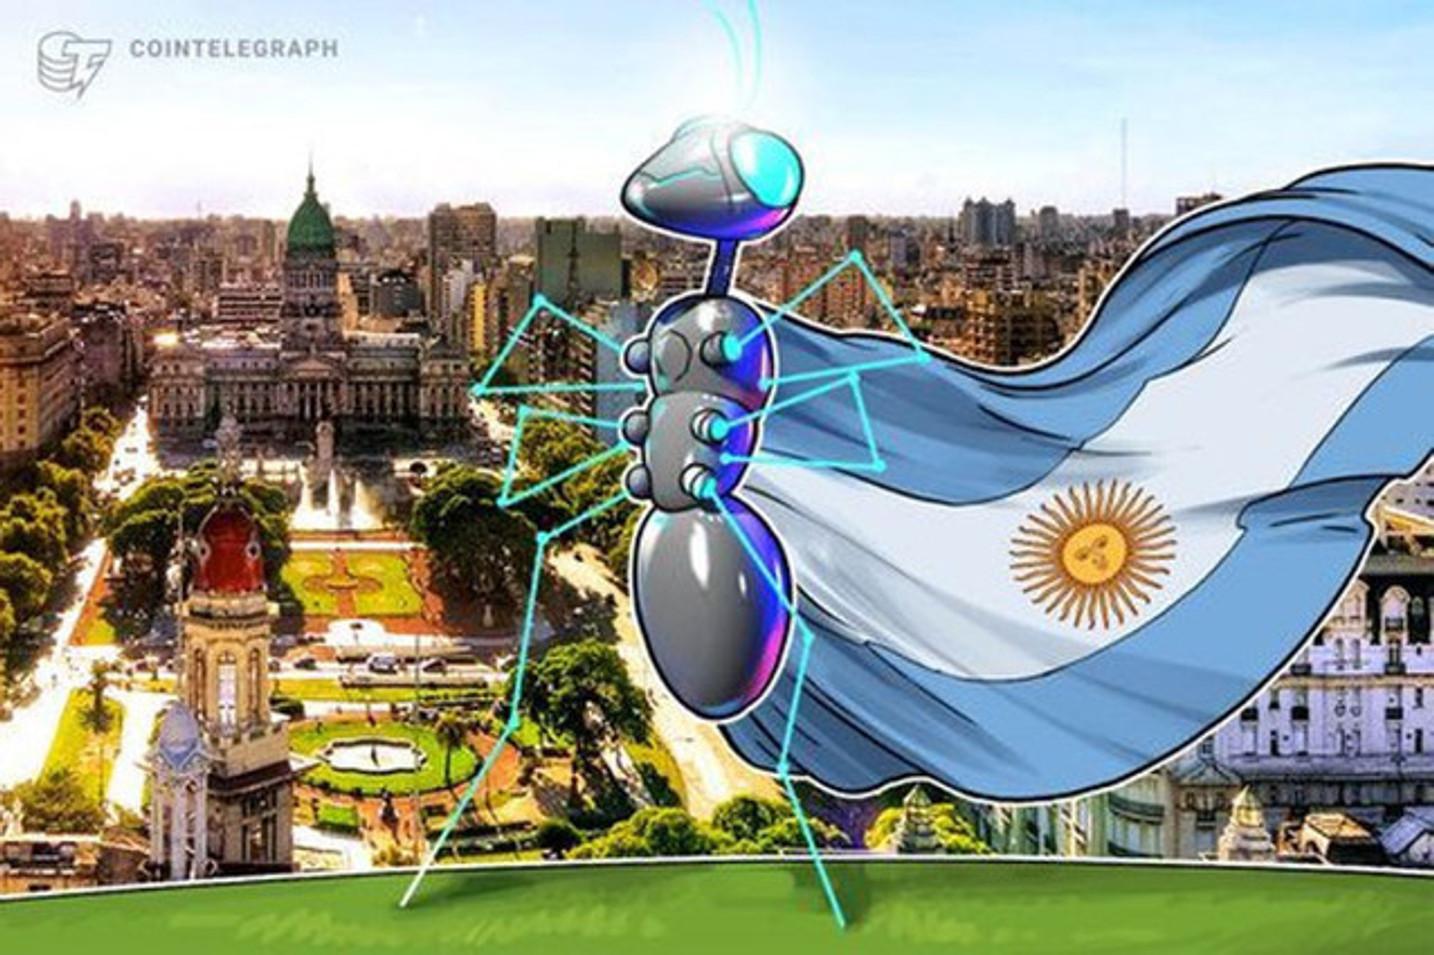 Se lanza AvalDAO en Latinoamérica, el primer fondo de garantía en Stablecoins basadas en tecnologías RSK